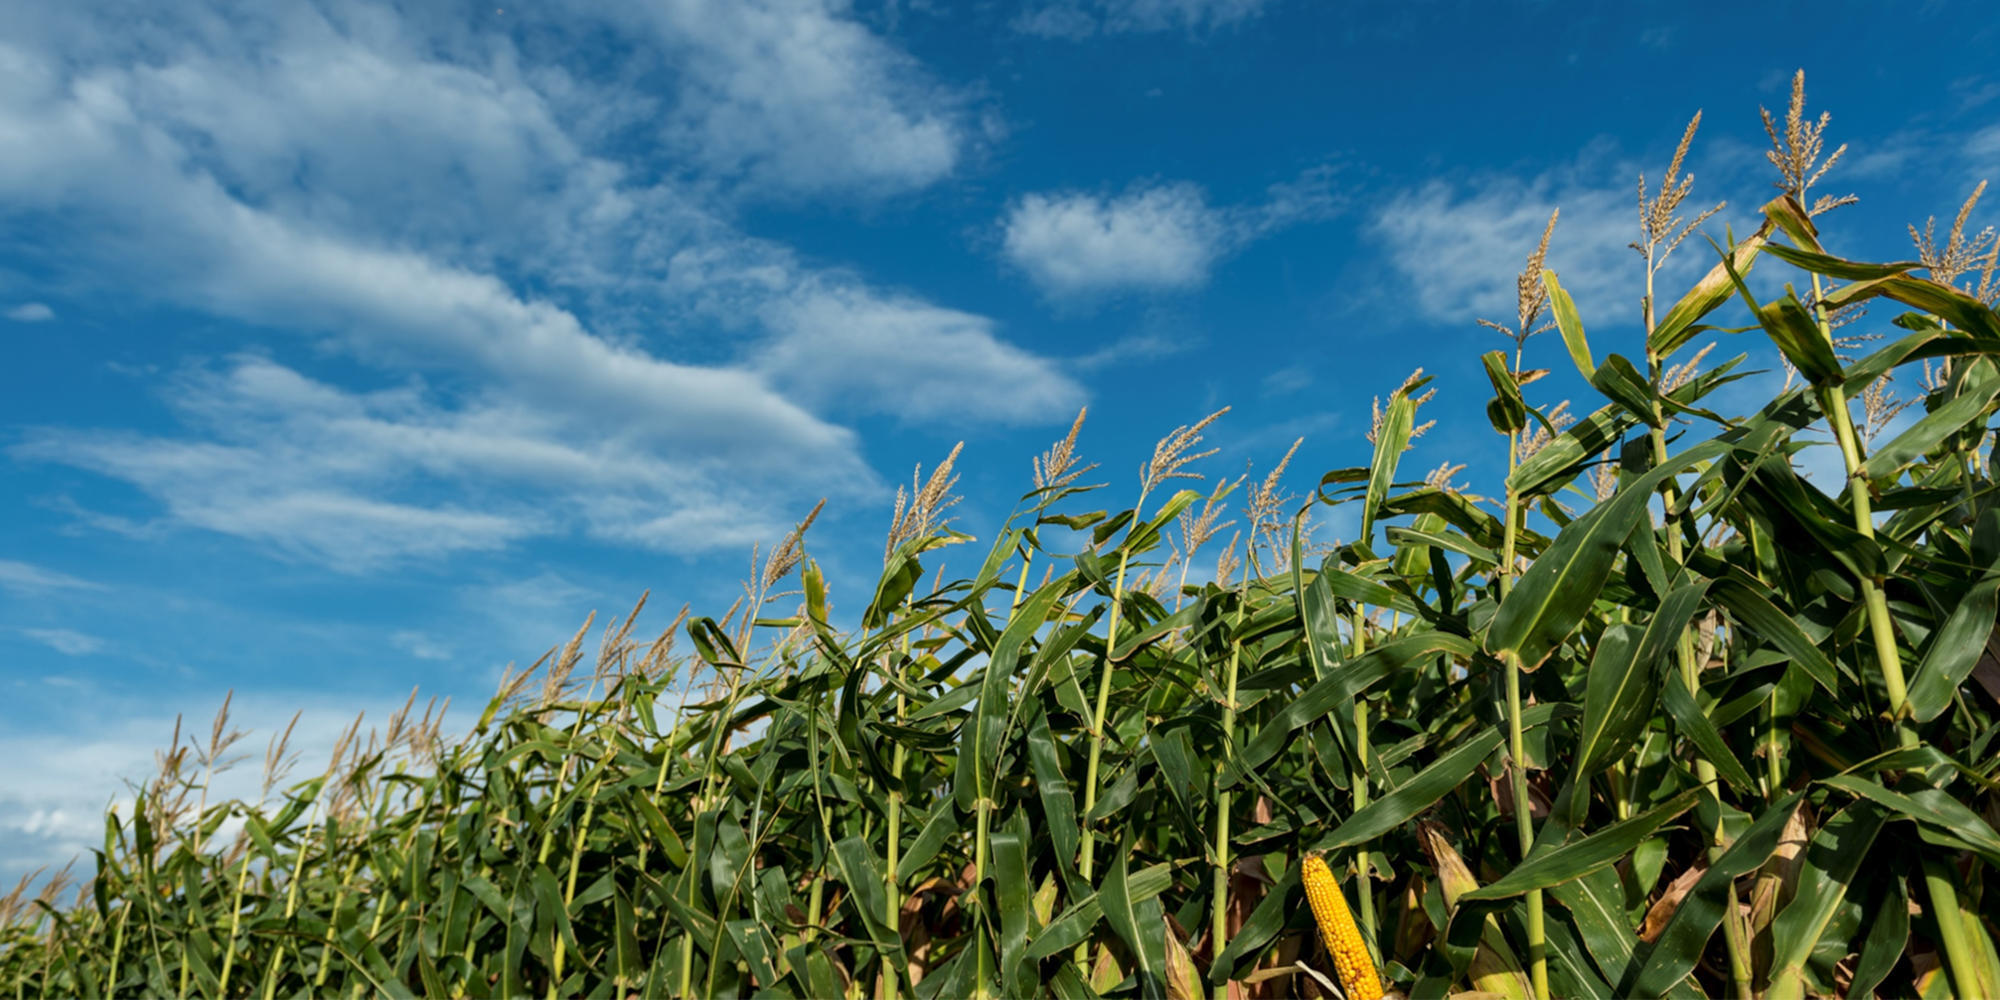 Du maïs par une journée ensoleillée